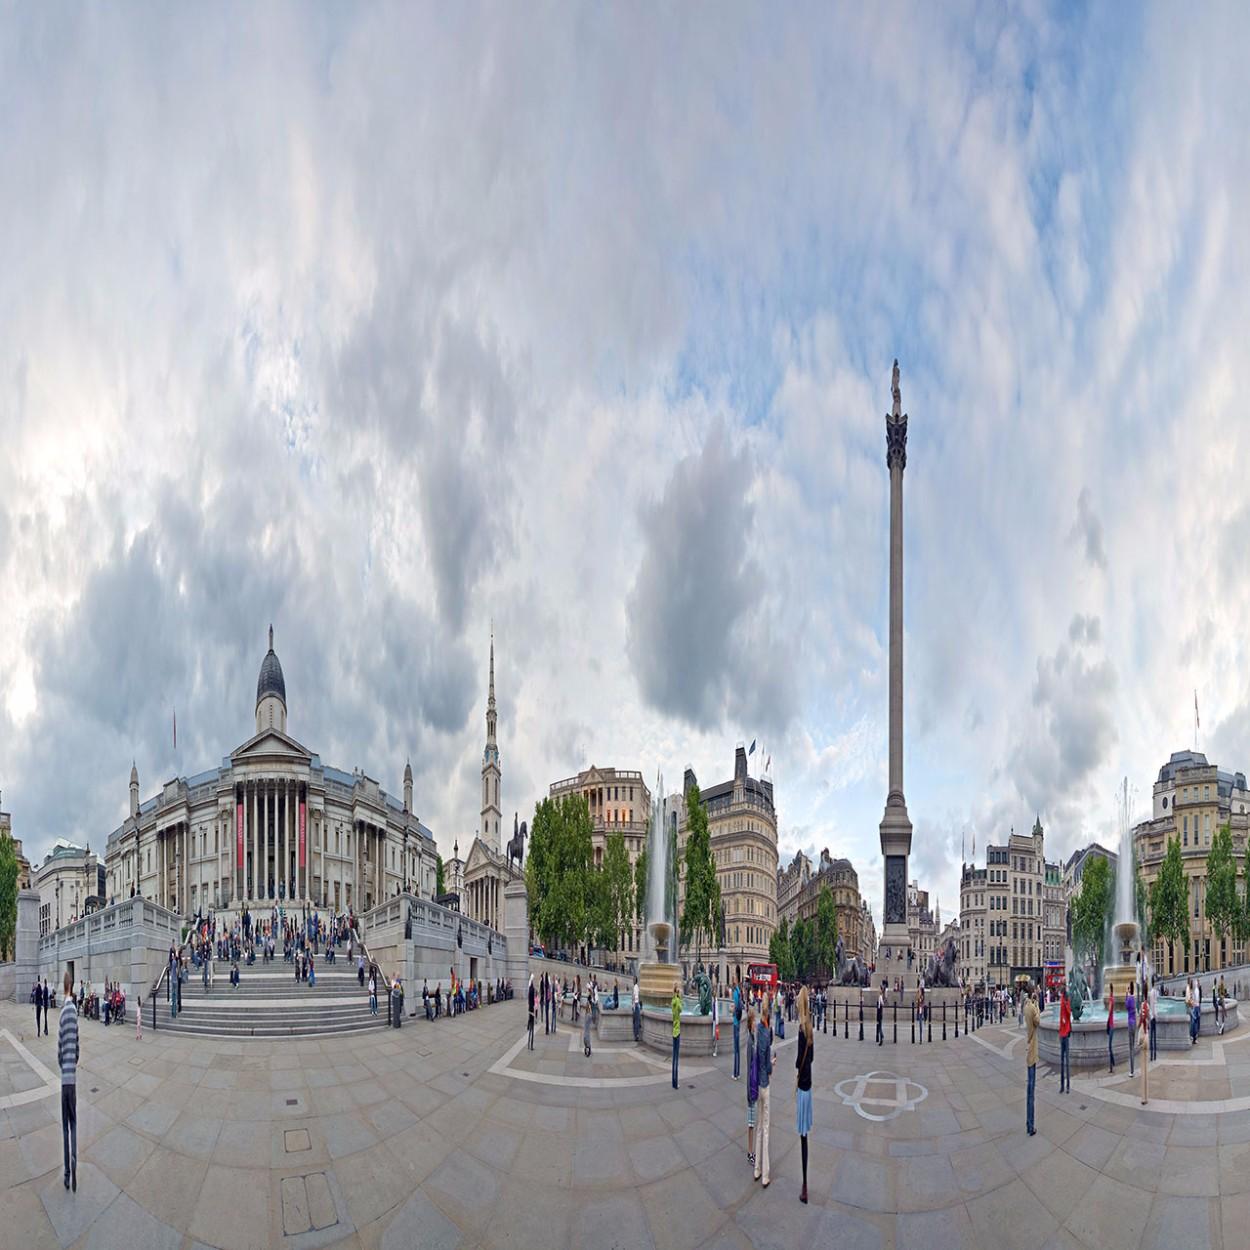 Creare un Pianeta con una foto con Photoshop in 3 Passaggi - step 1: altezza uguale alla larghezza